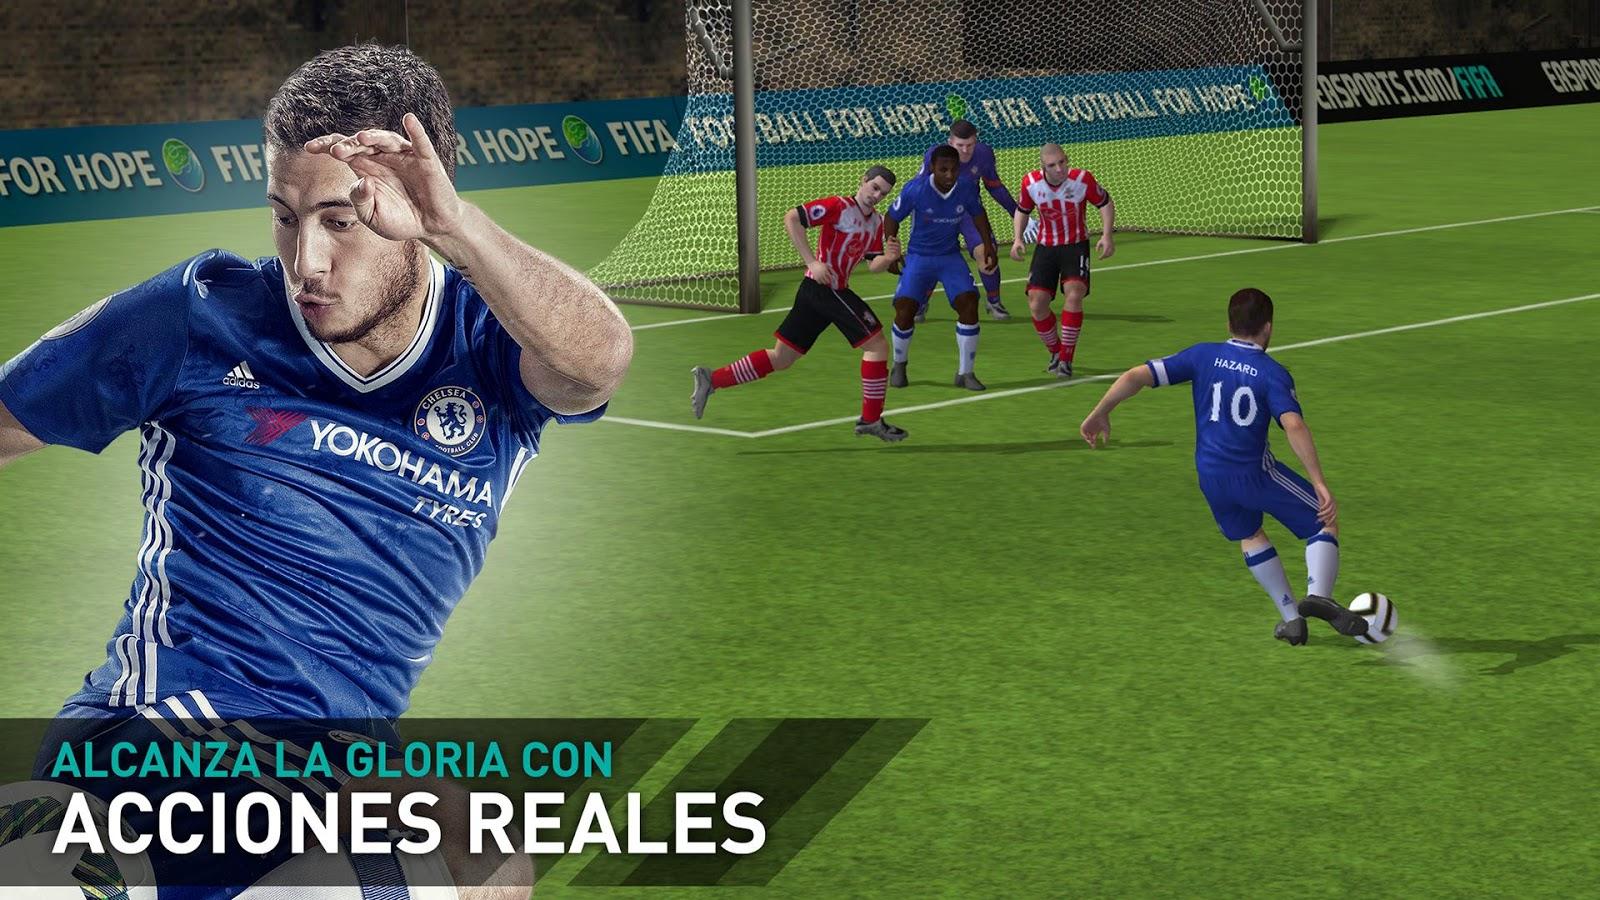 Descargar FIFA Mobile Fútbol Gratis para Android, iPhone y Windows 10